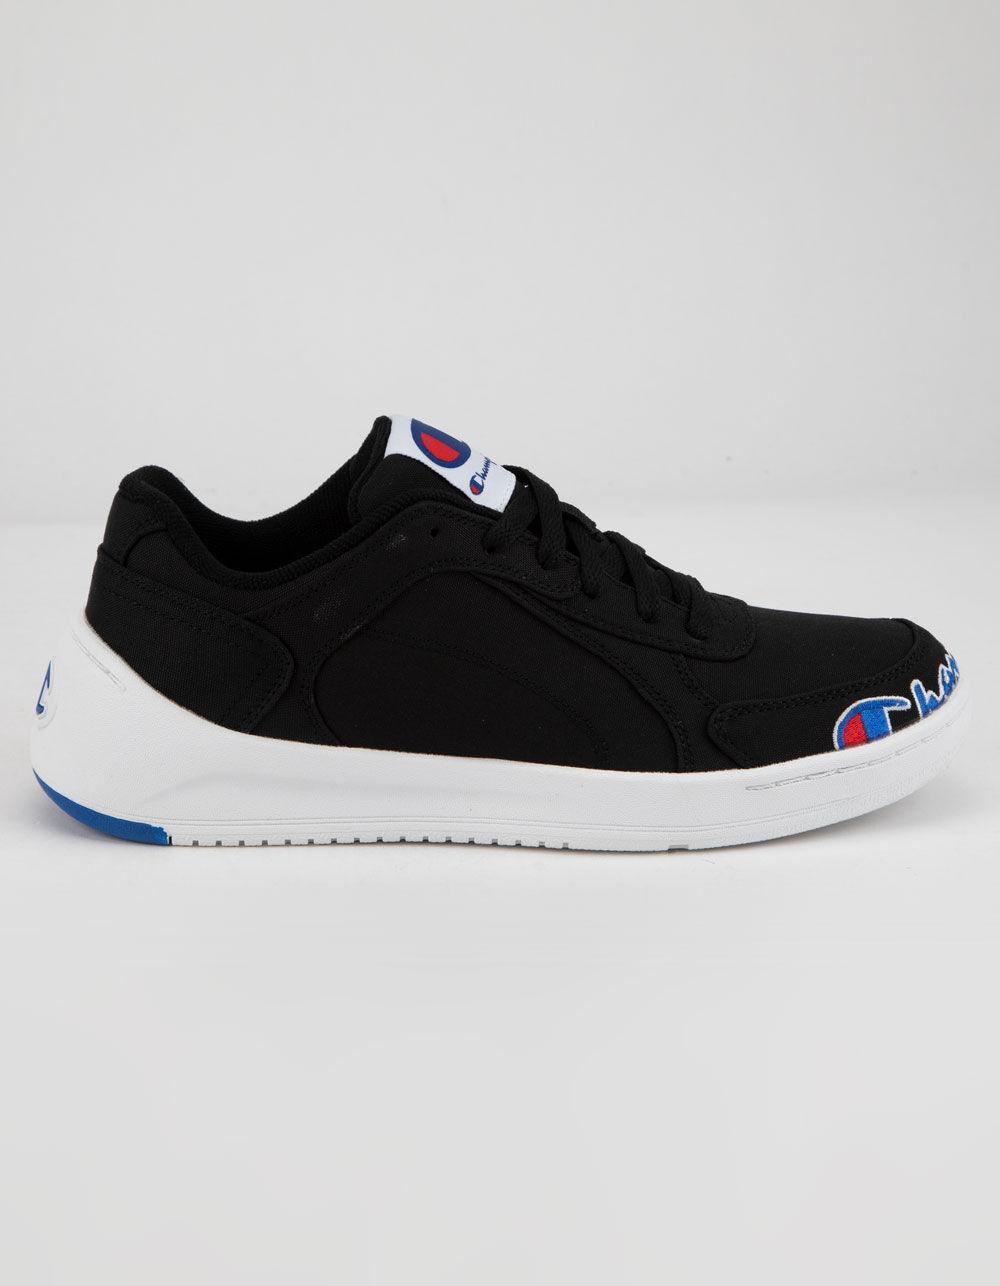 CHAMPION Super C Court Low Black & White Shoes